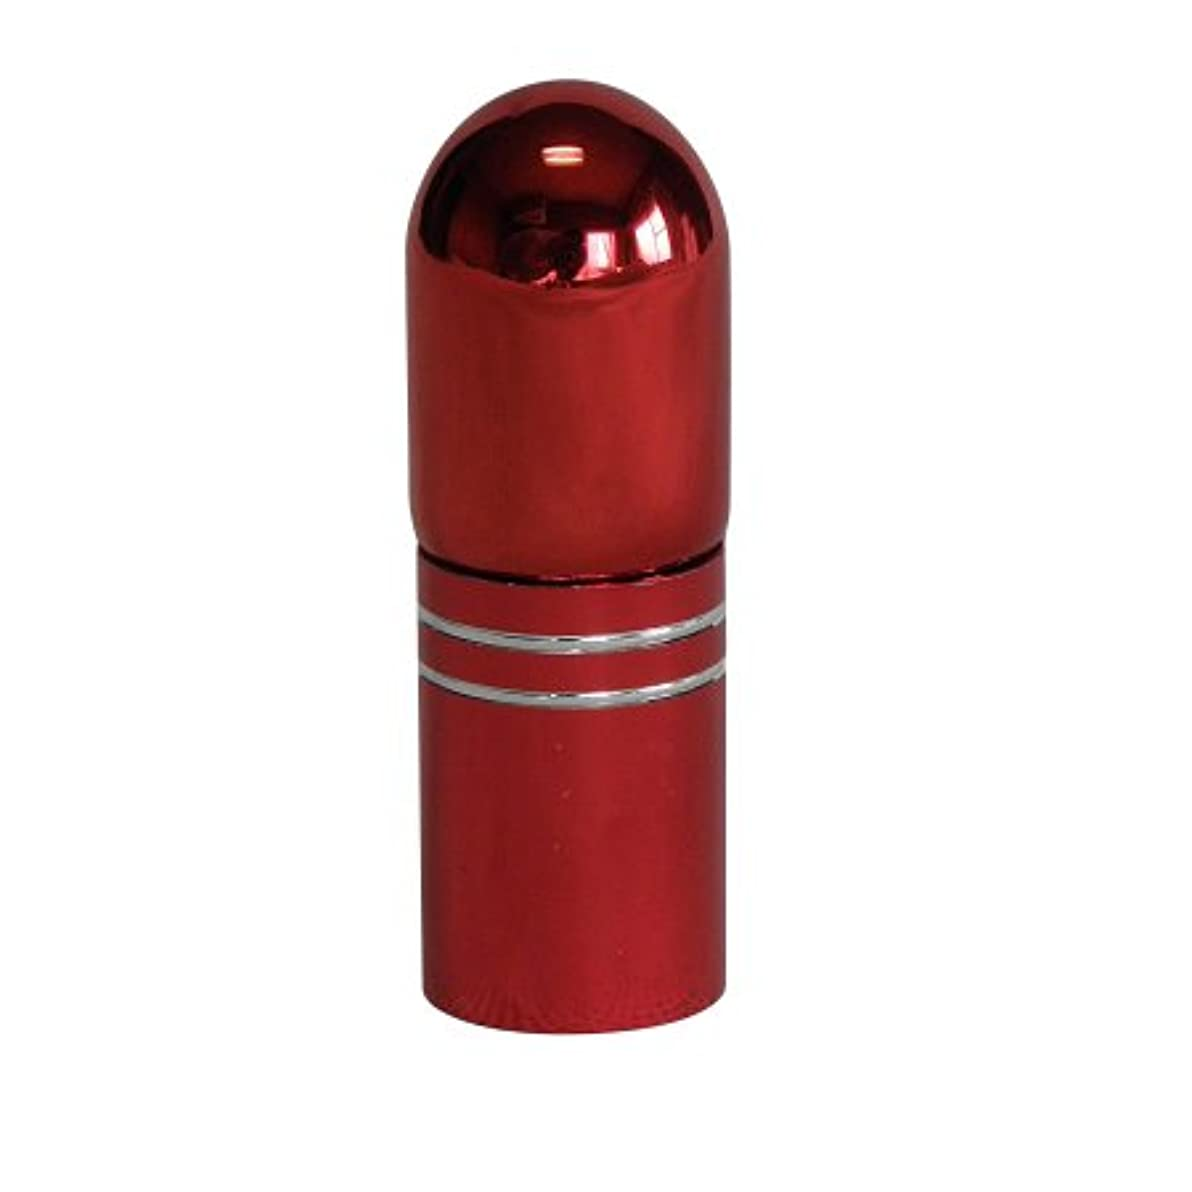 トランペット軍団ホステスアトマイザー 携帯 持ち運び ミニ サイズ 3ml ロール オン タイプ 香水 詰め替え (レッド)